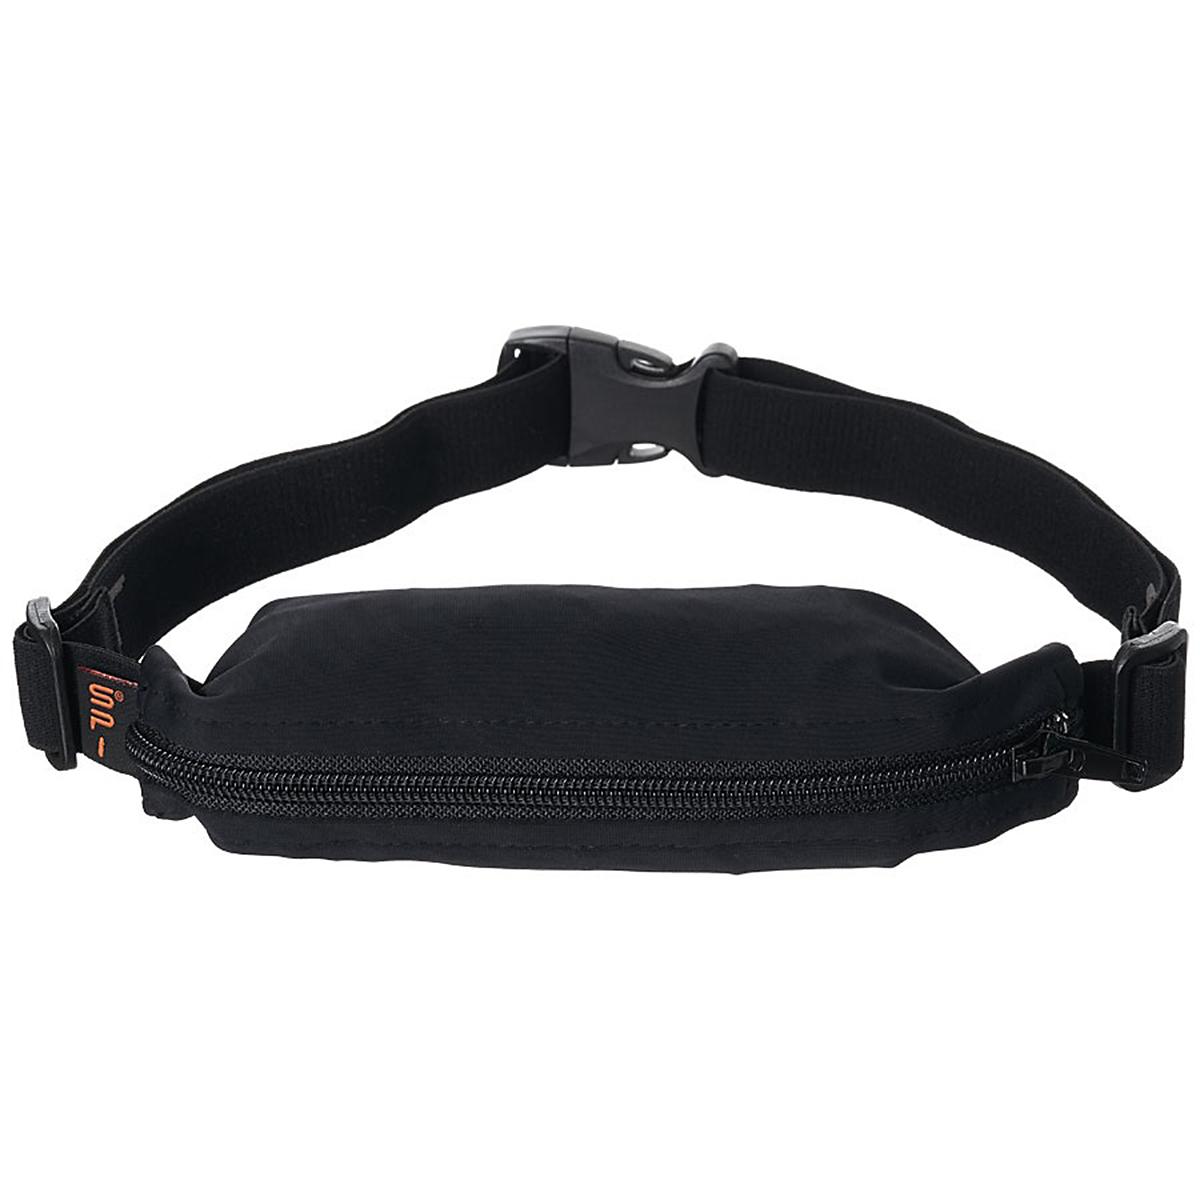 Spibelt Adult Back Large Pocket - Color: Black - Size: One Size, Black, large, image 1